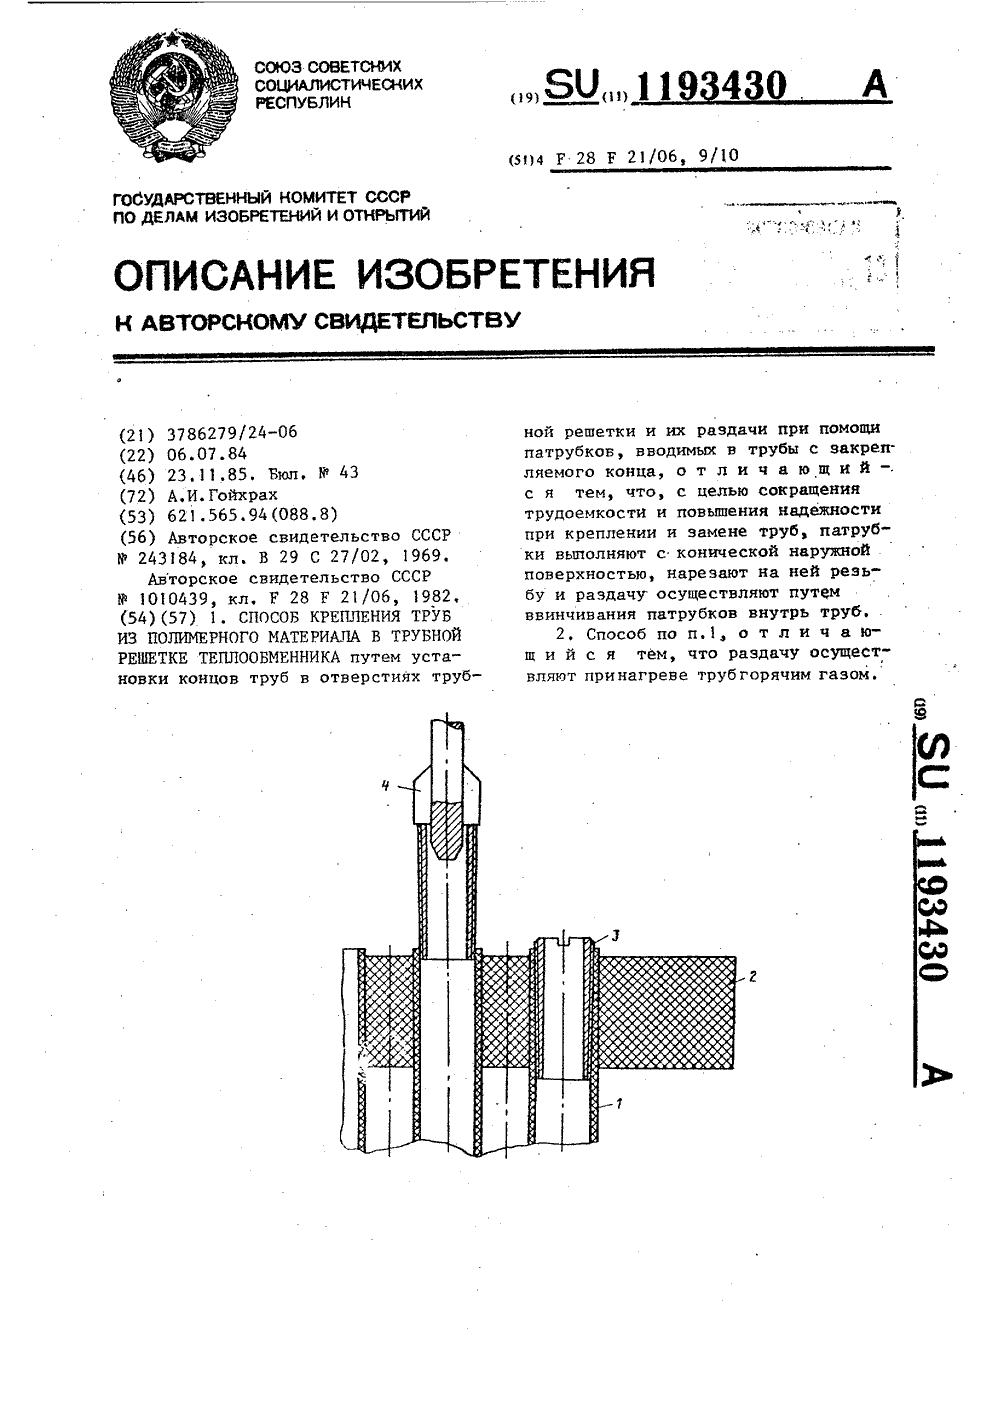 Теплообменный аппарат ЭТ 100 Чита